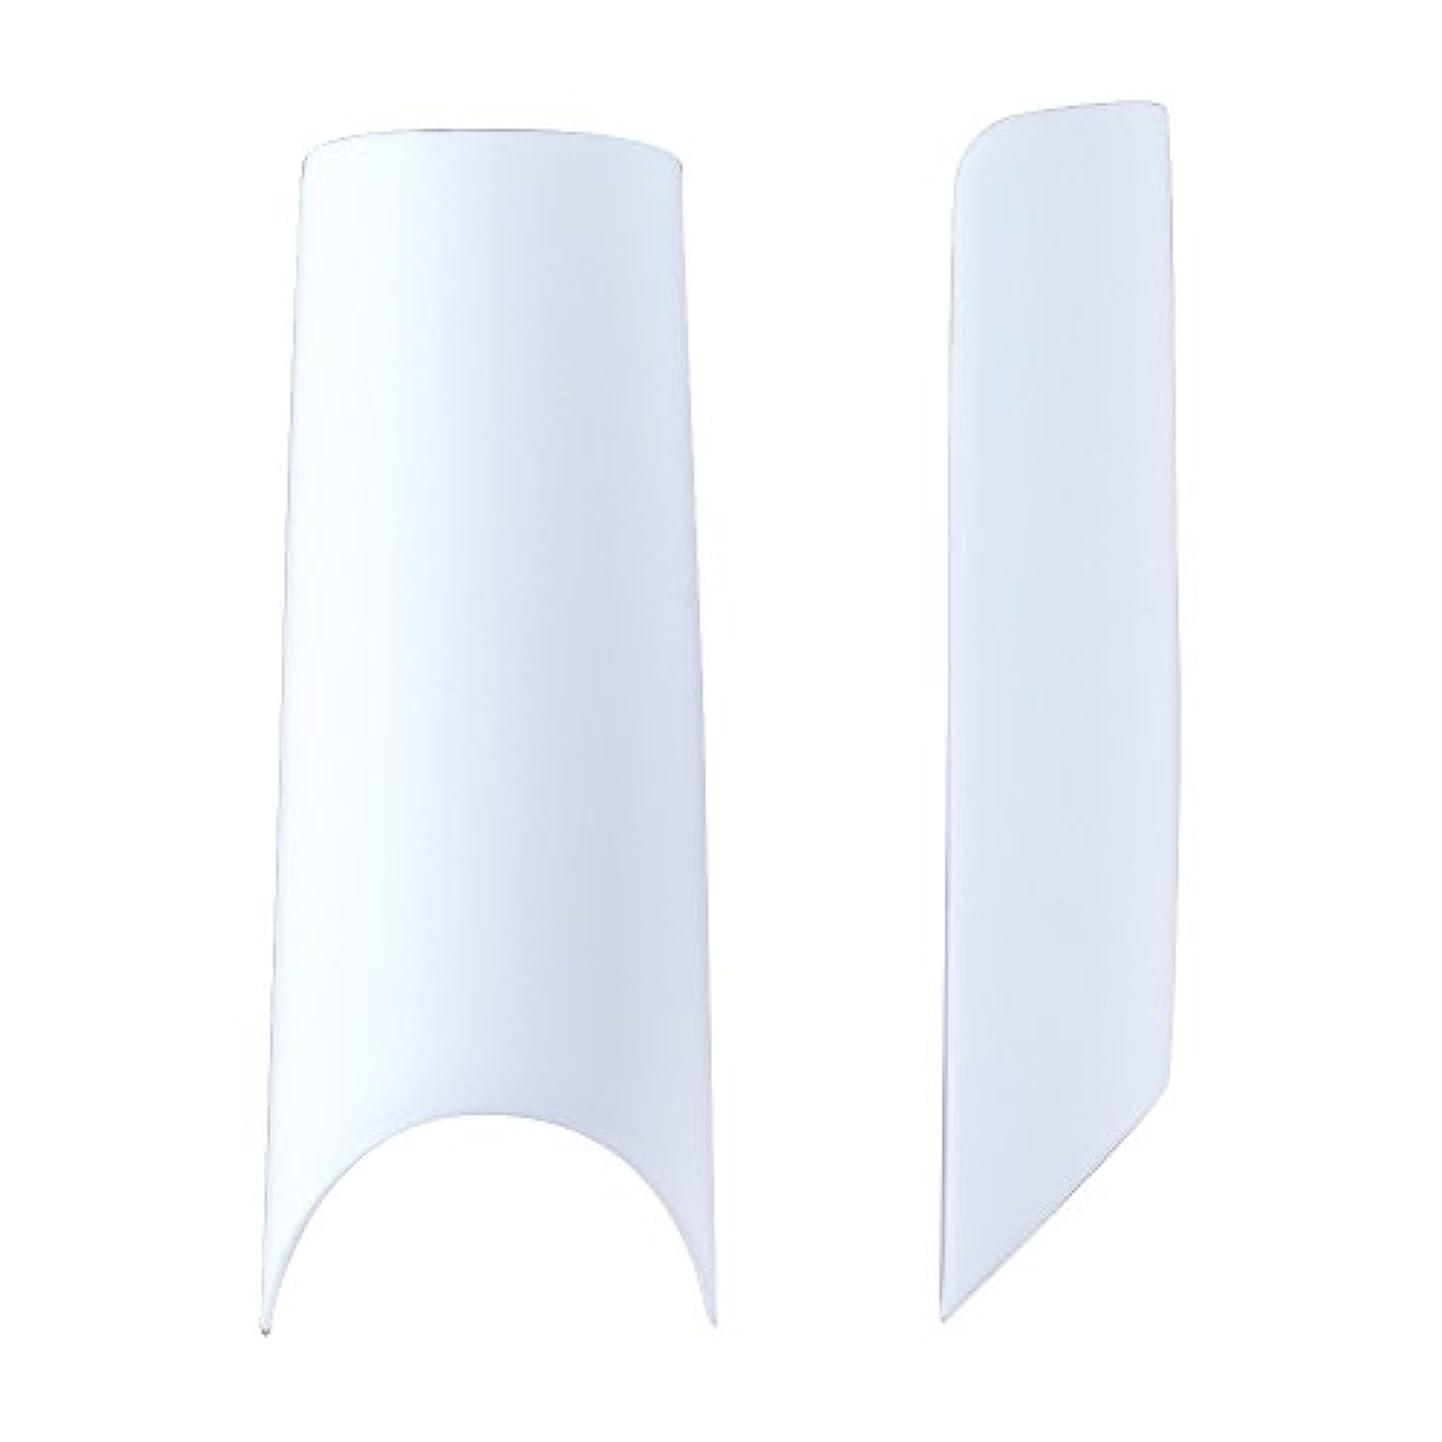 平らな冷ややかな発明するスマートチップホワイト # 9